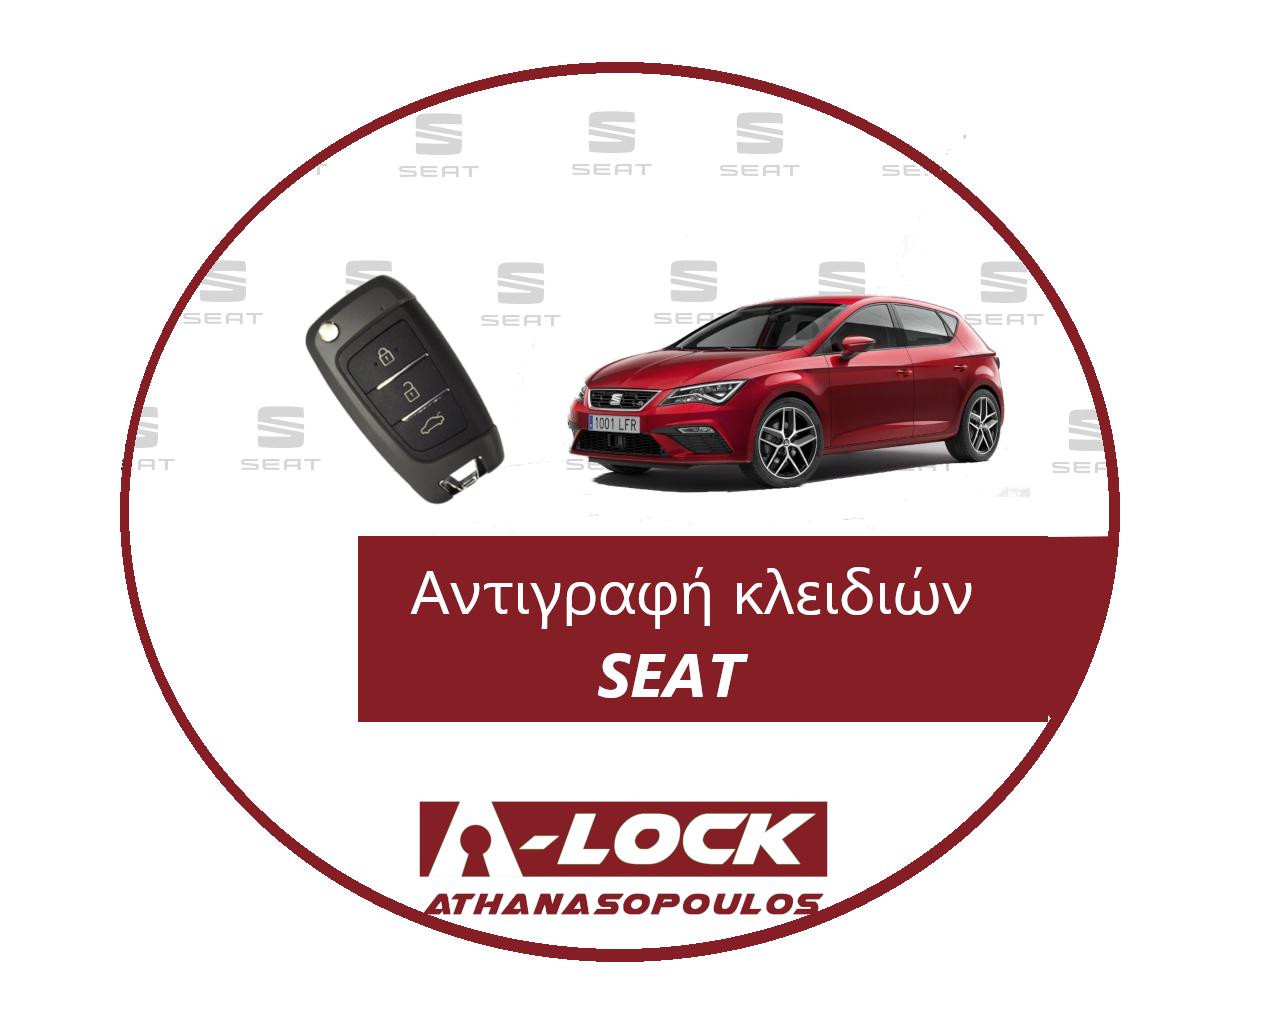 Αντιγραφή Κλειδιών Immobilizer Αυτοκινήτου SEAT - 24 Ωρες Κλειδαράς Γαλάτσι A-Lock Αθανασόπουλος